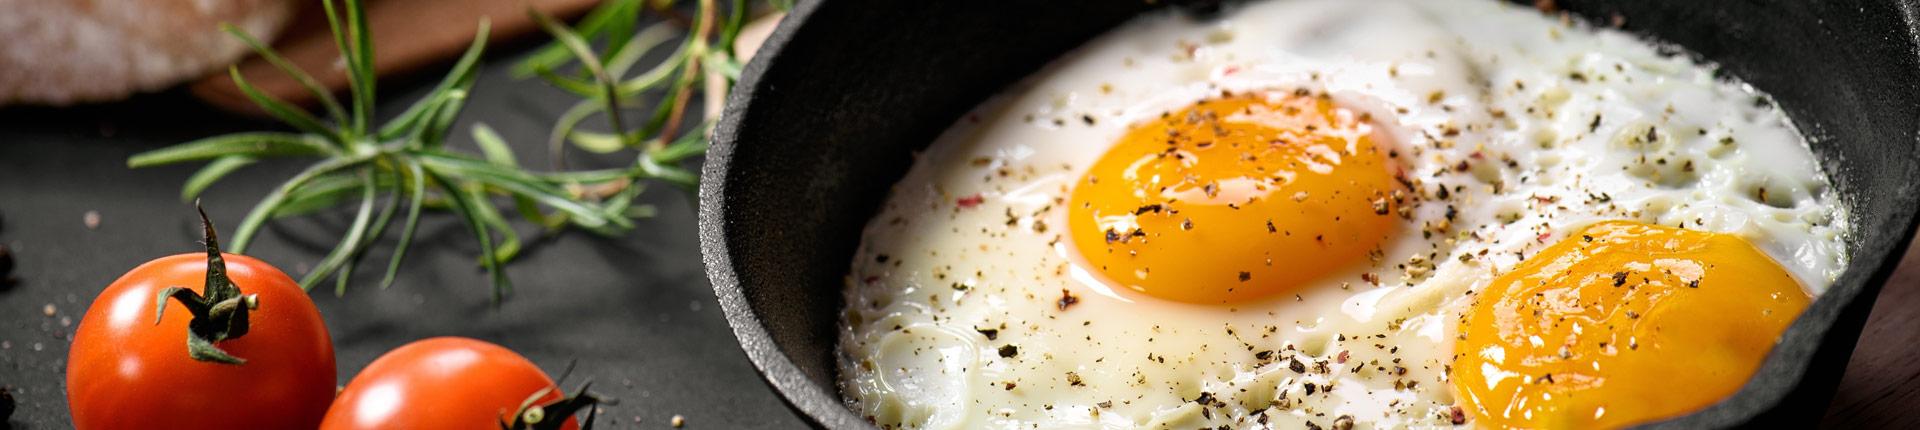 Jajka są wrogiem zdrowia, a statyny zbawieniem ludzkości?!